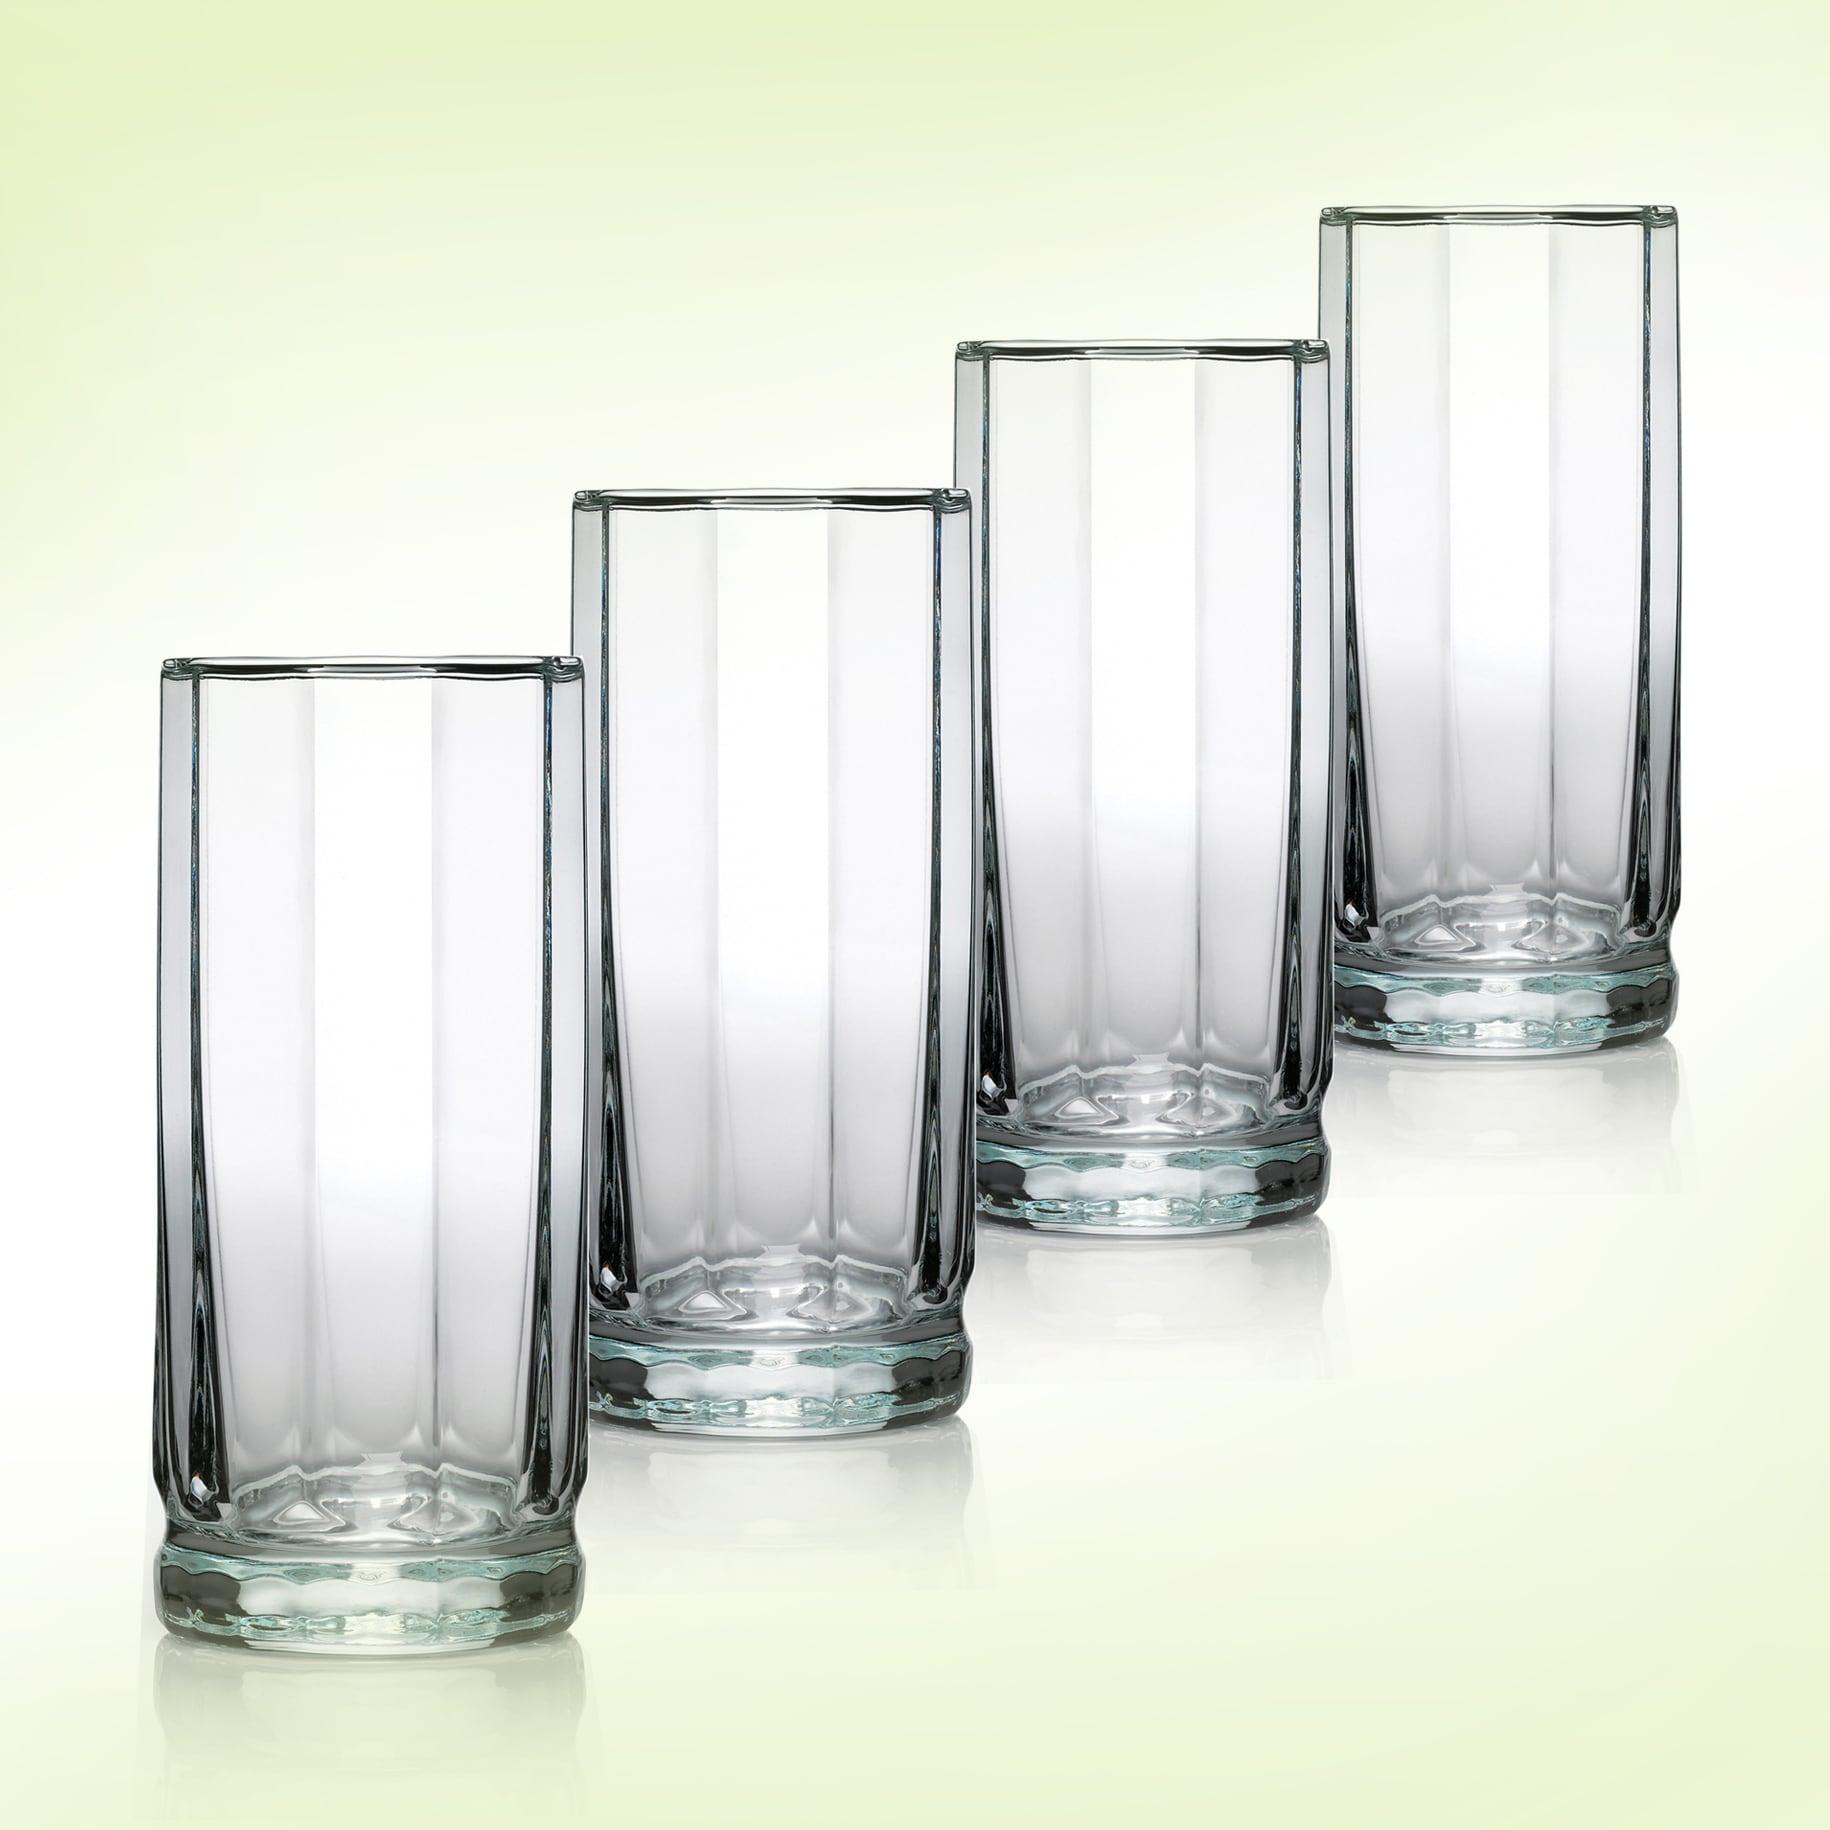 Anchor Hocking Precious Jewel 4-piece Glassware Set